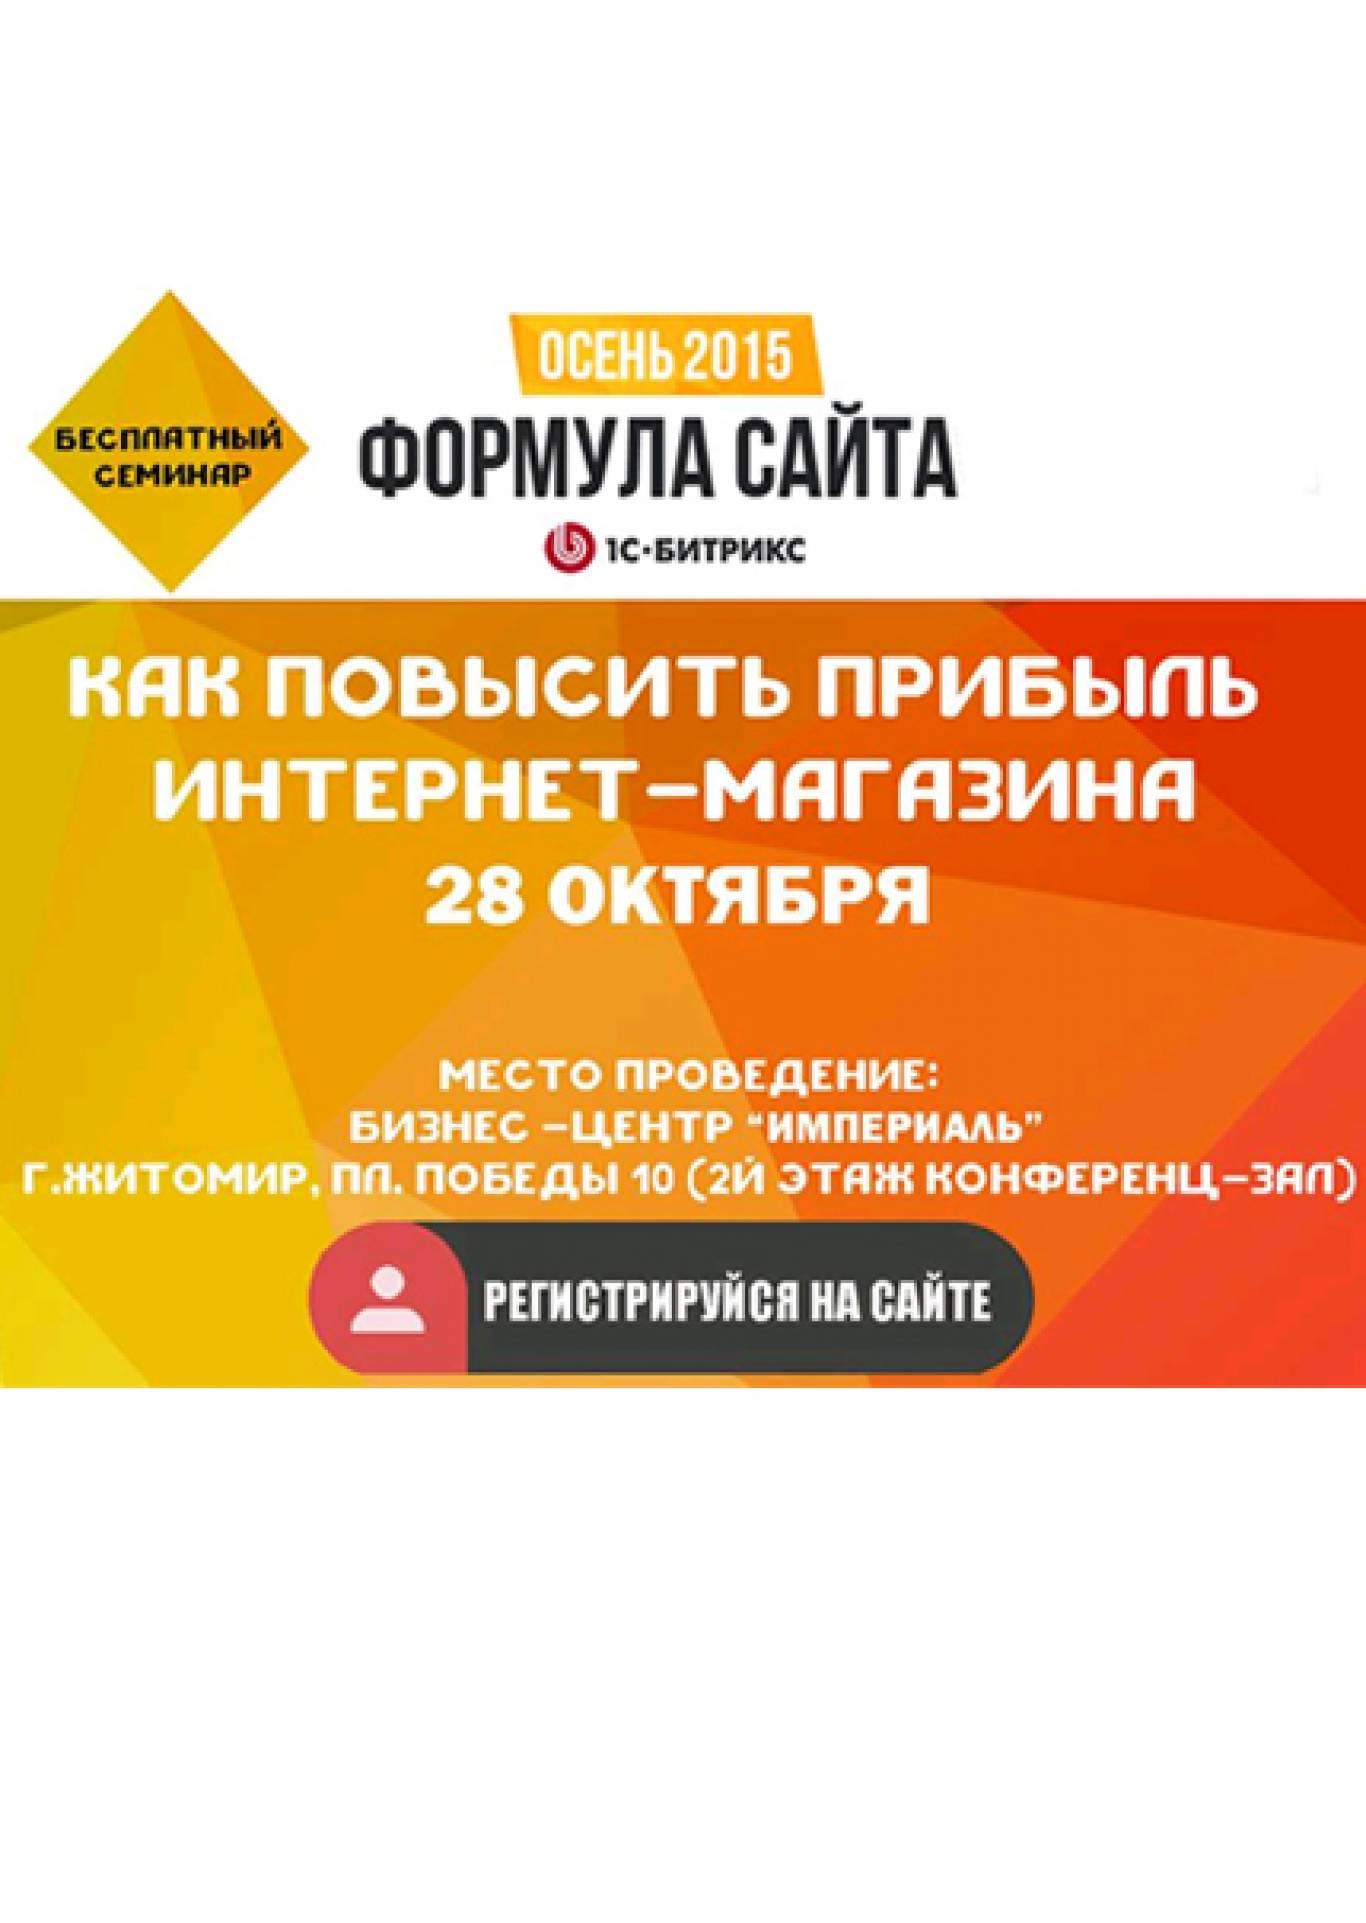 Безкоштовний семінар «Формула сайта»